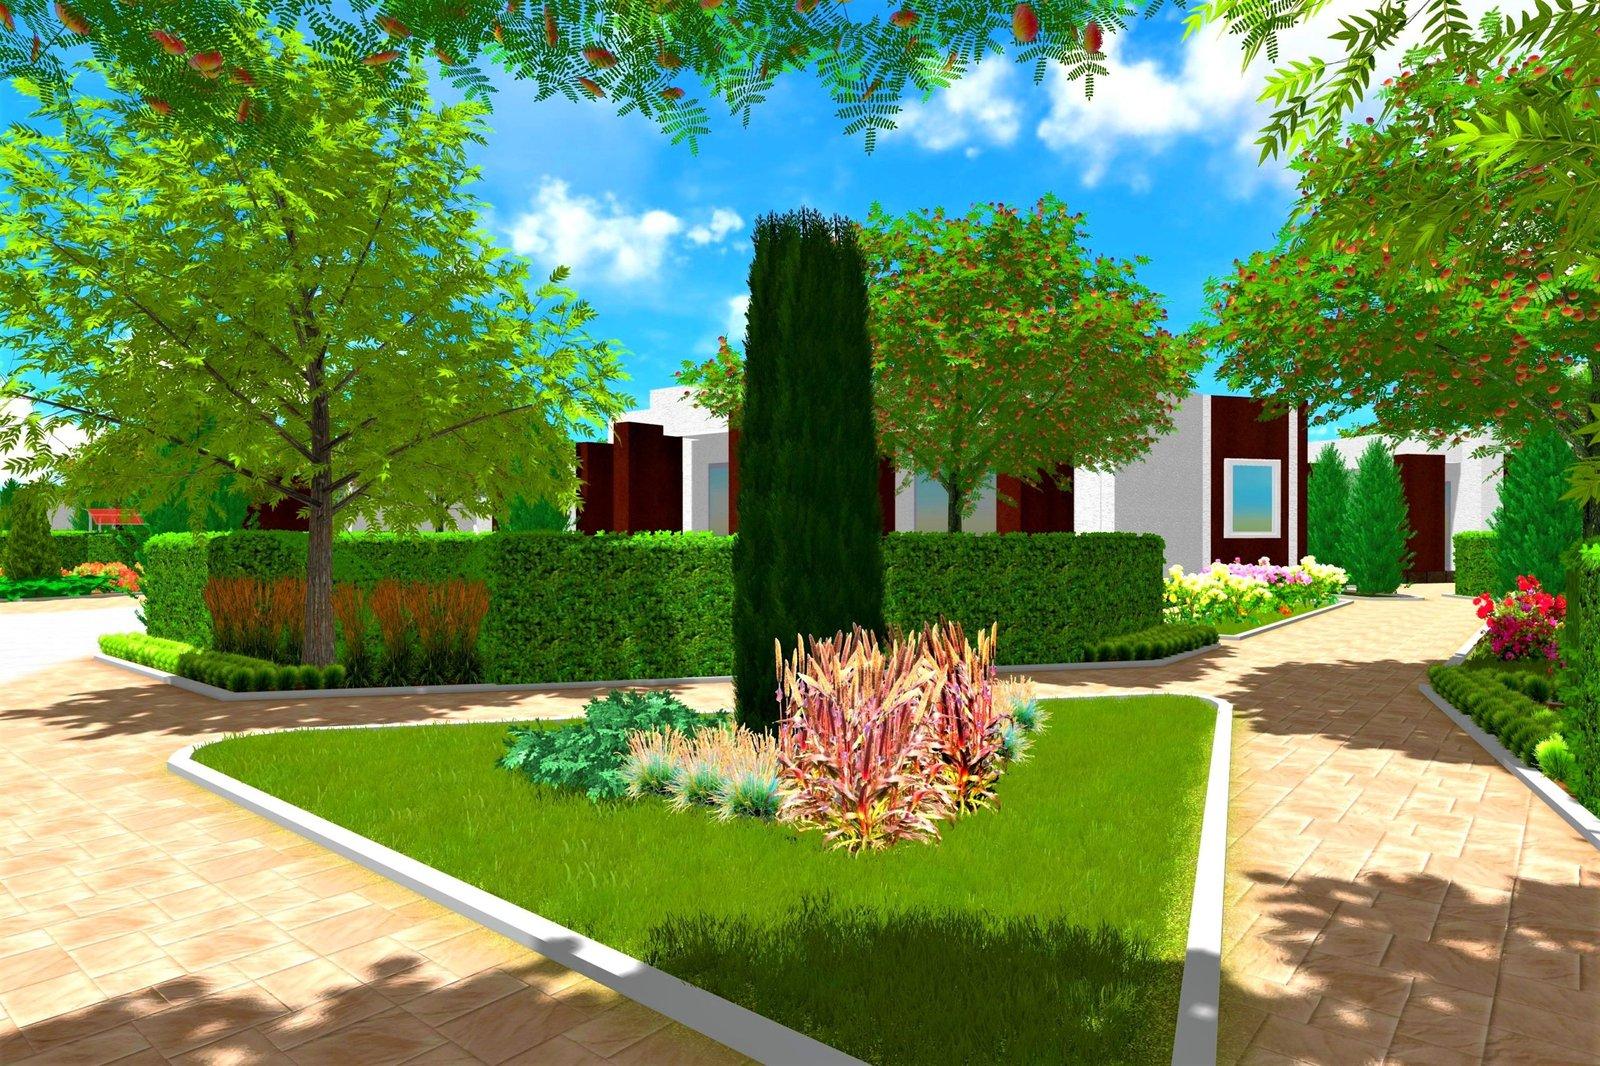 Дизайн садового участка в Киеве, ландшафтный дизайн в Киеве, ландшафтный дизайн Киев, дизайн ландшафтный в Киеве